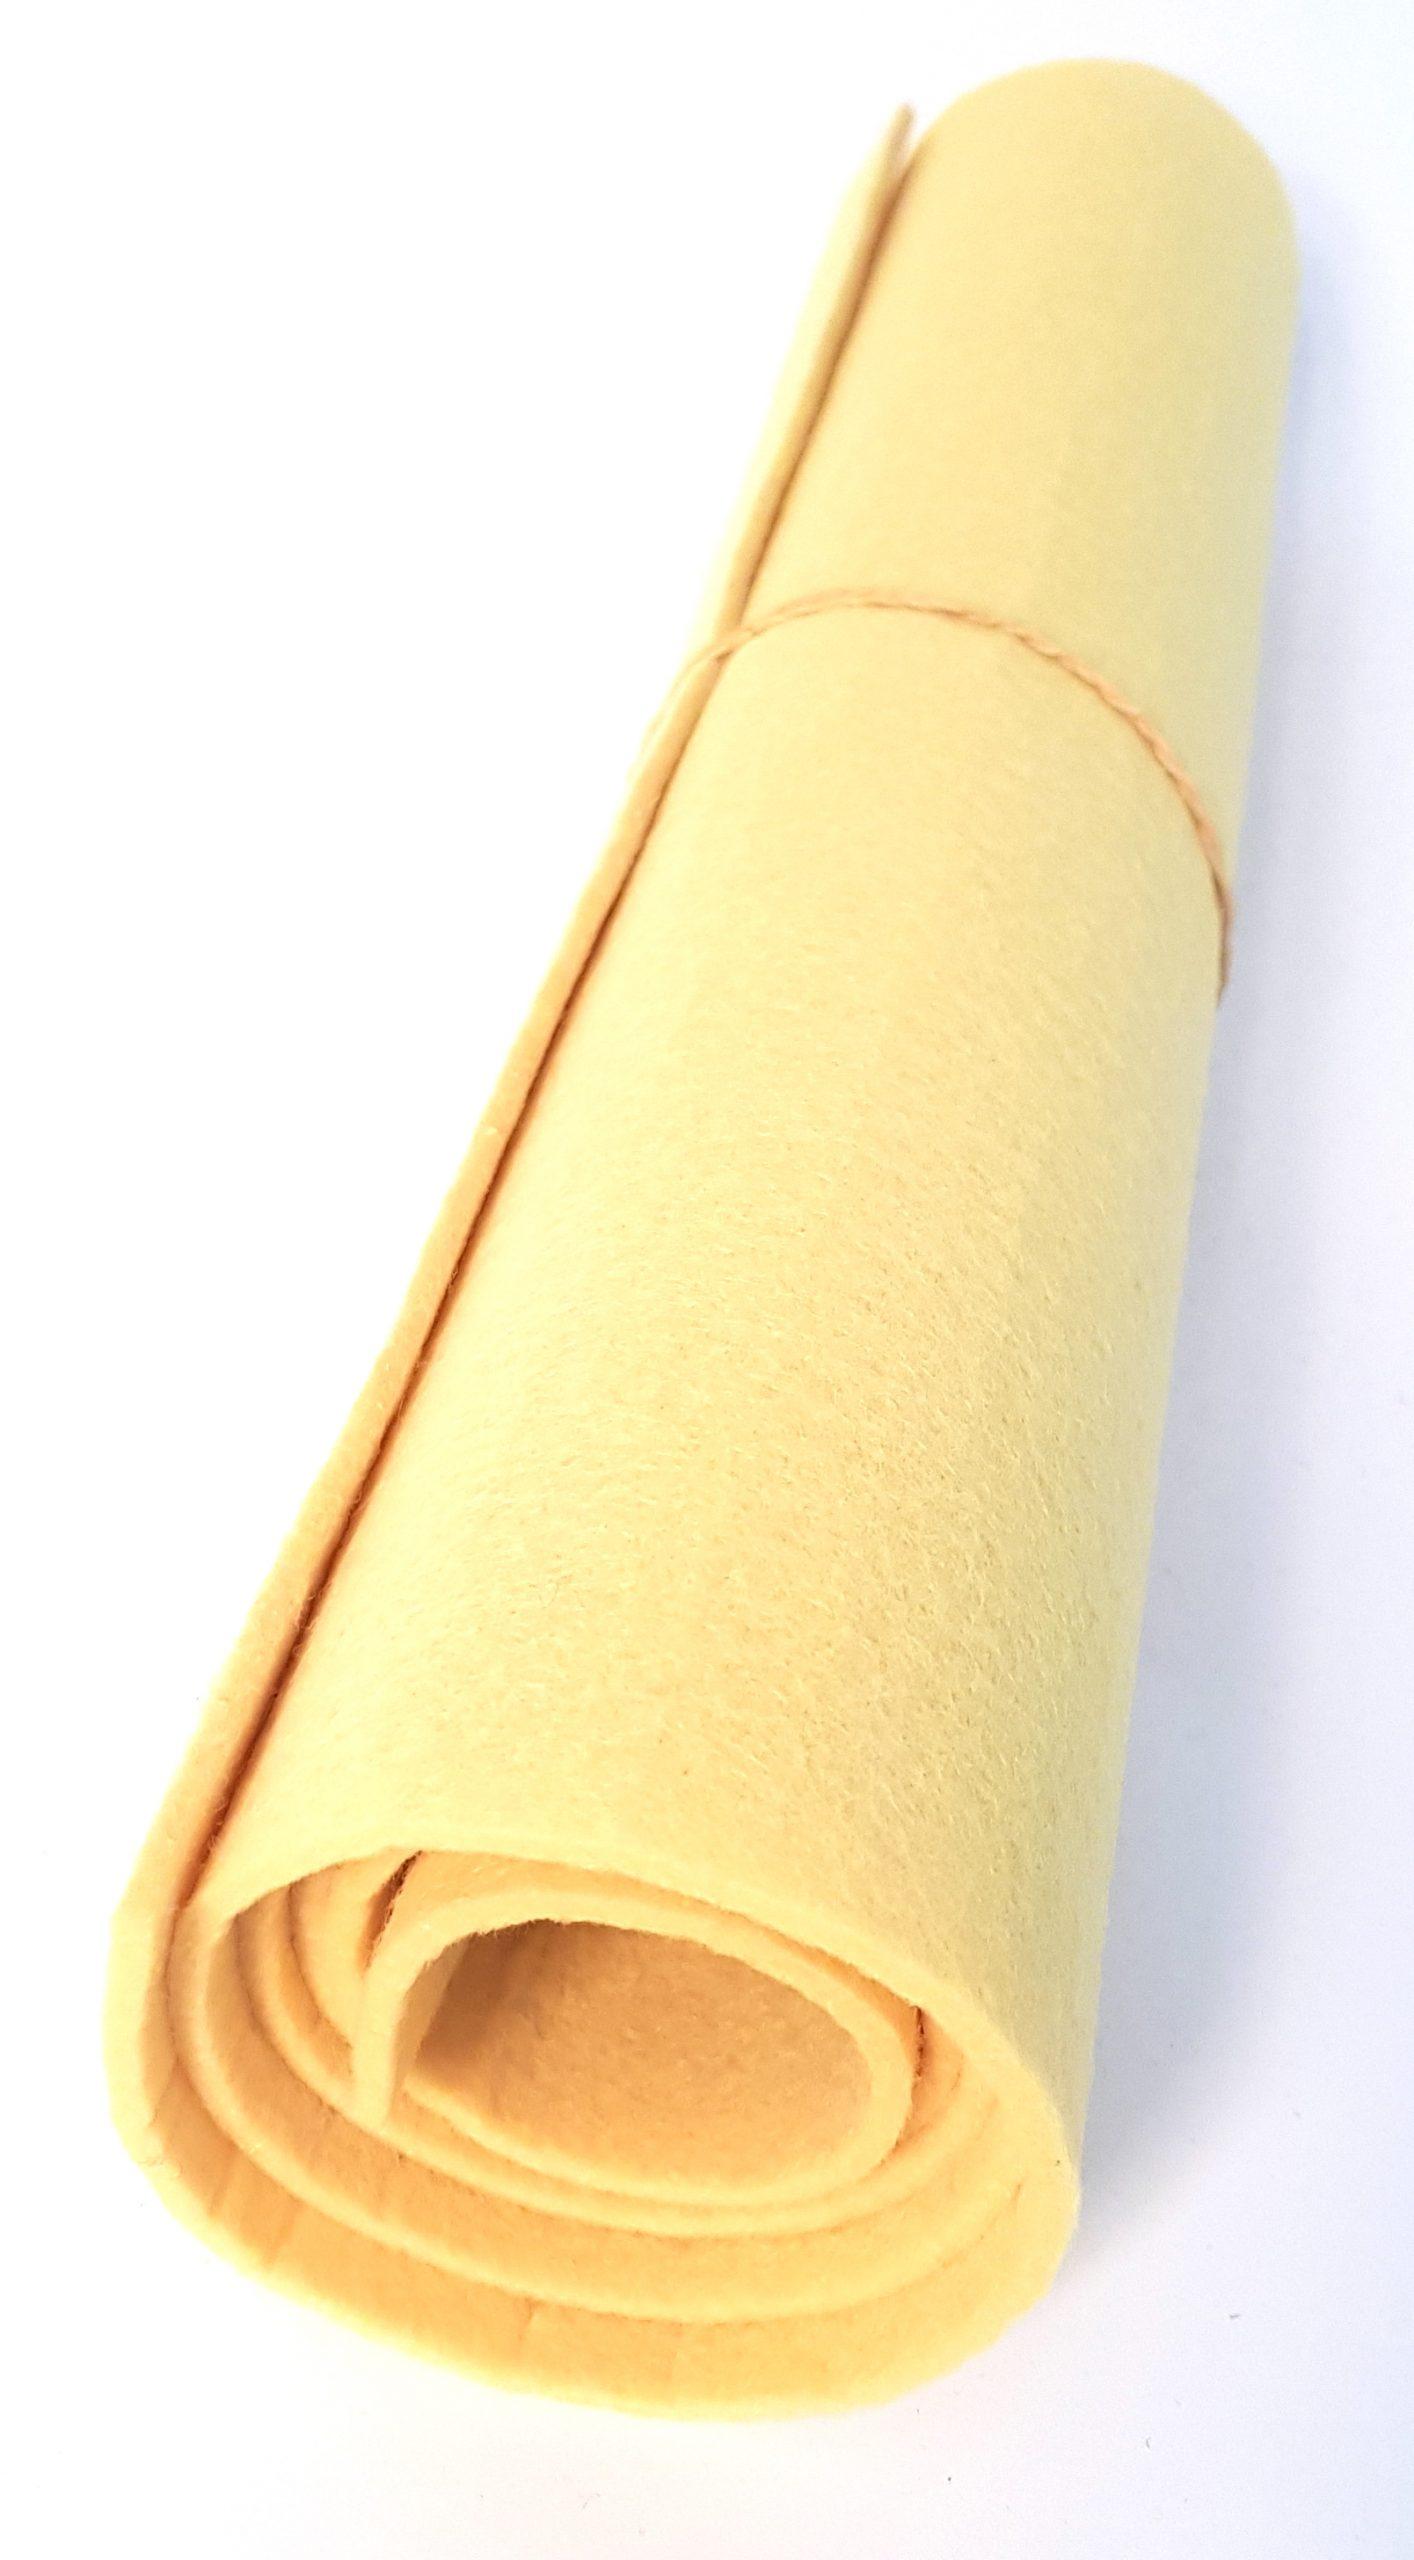 Gelbes Filz - Handgemachte individualisierbare Taschen, Körbe, Tischsets, Dekoartikel und mehr auf fideko.de der Onlineshop seit 2011